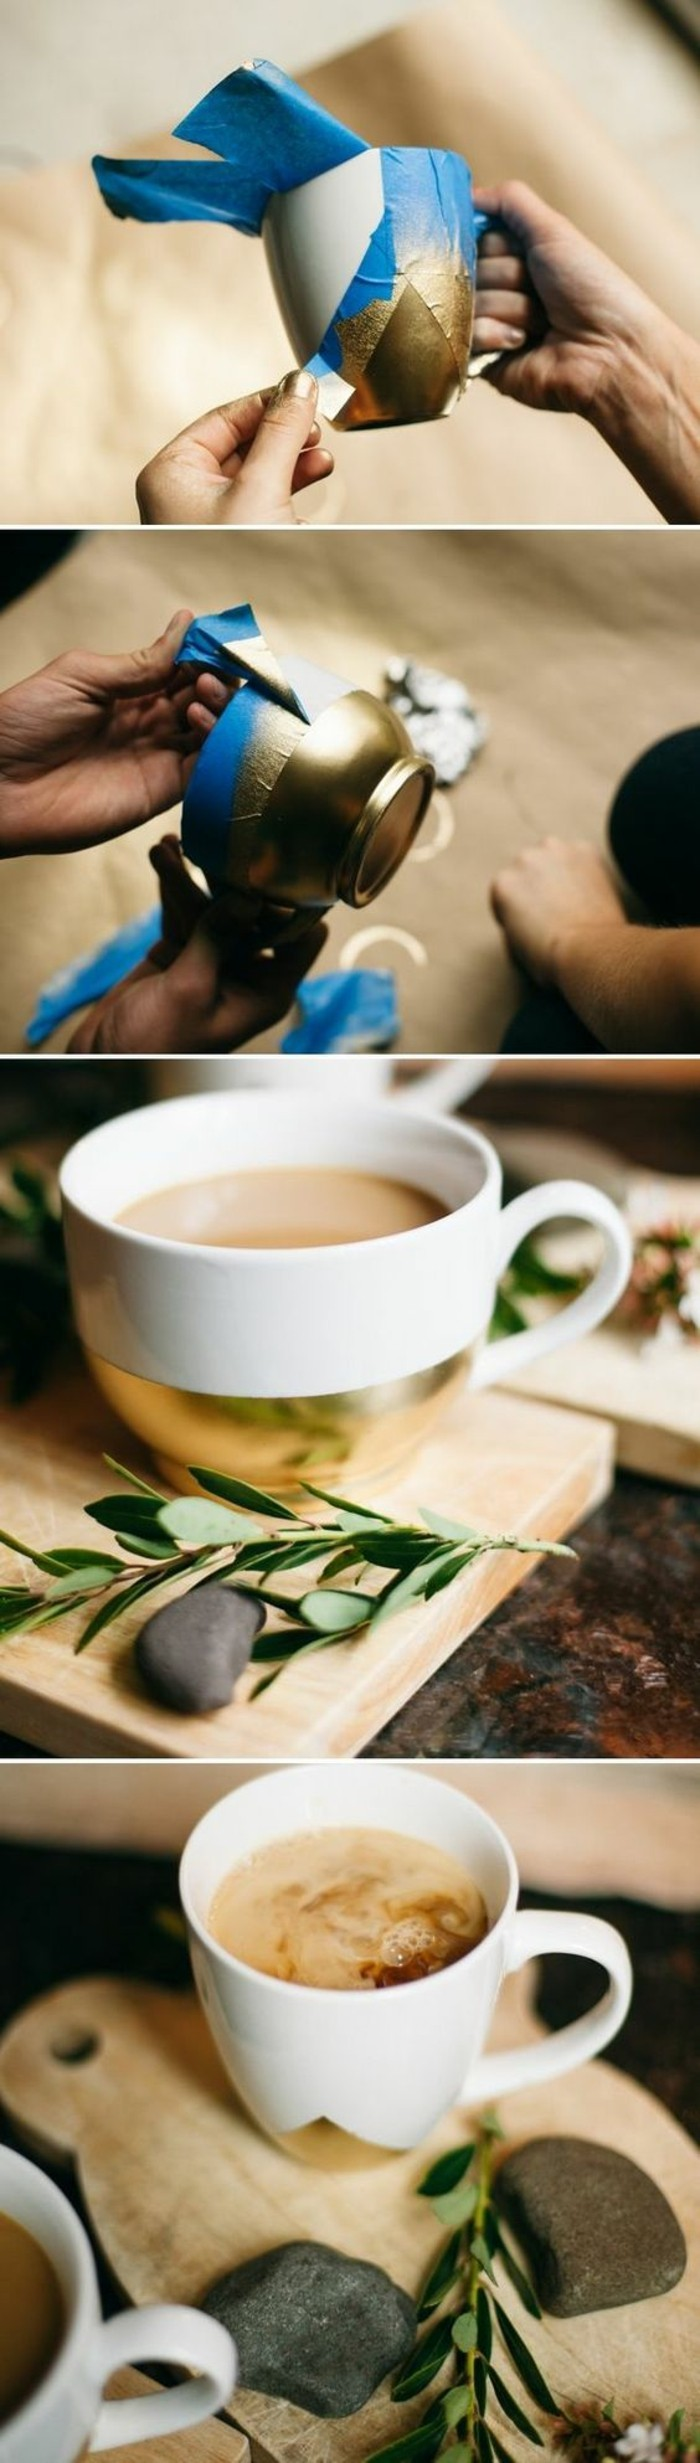 originales ideas para regalar en navidad, taza de café decorada en dorado paso a paso